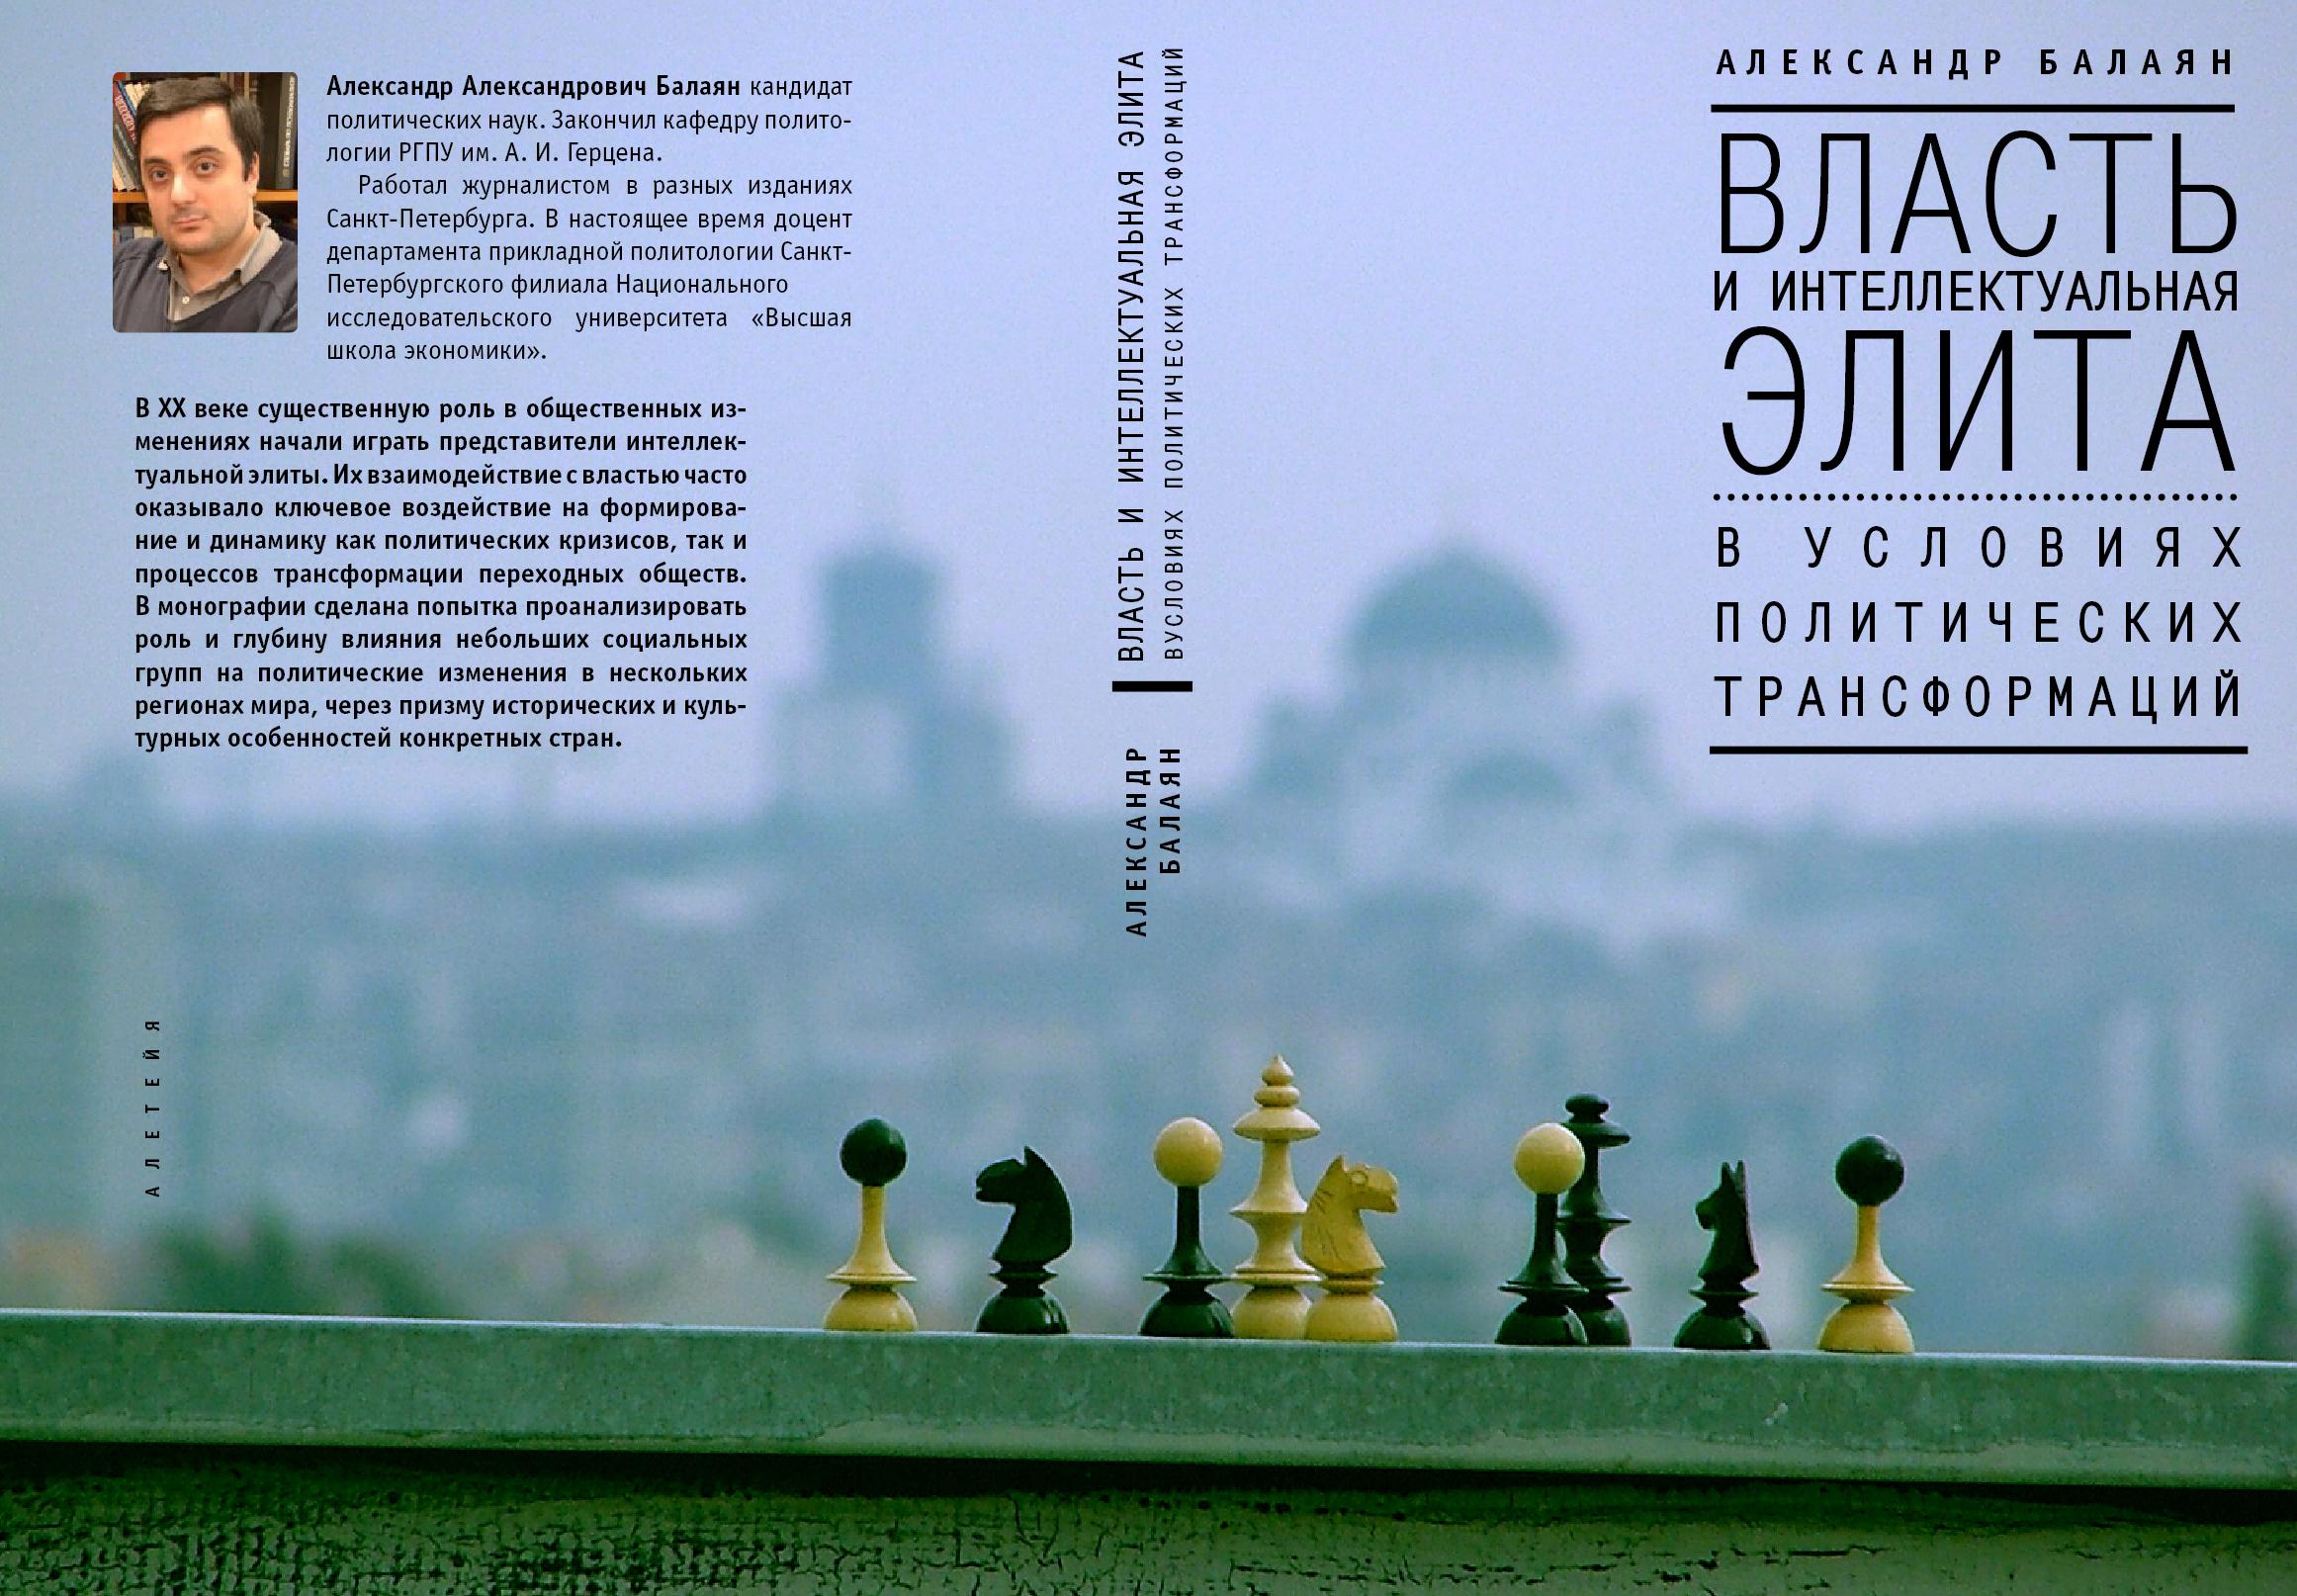 Власть и интеллектуальная элита в условиях политических трансформаций. Опыт Европы, Юго-Восточной Азии и постсоветского пространства.